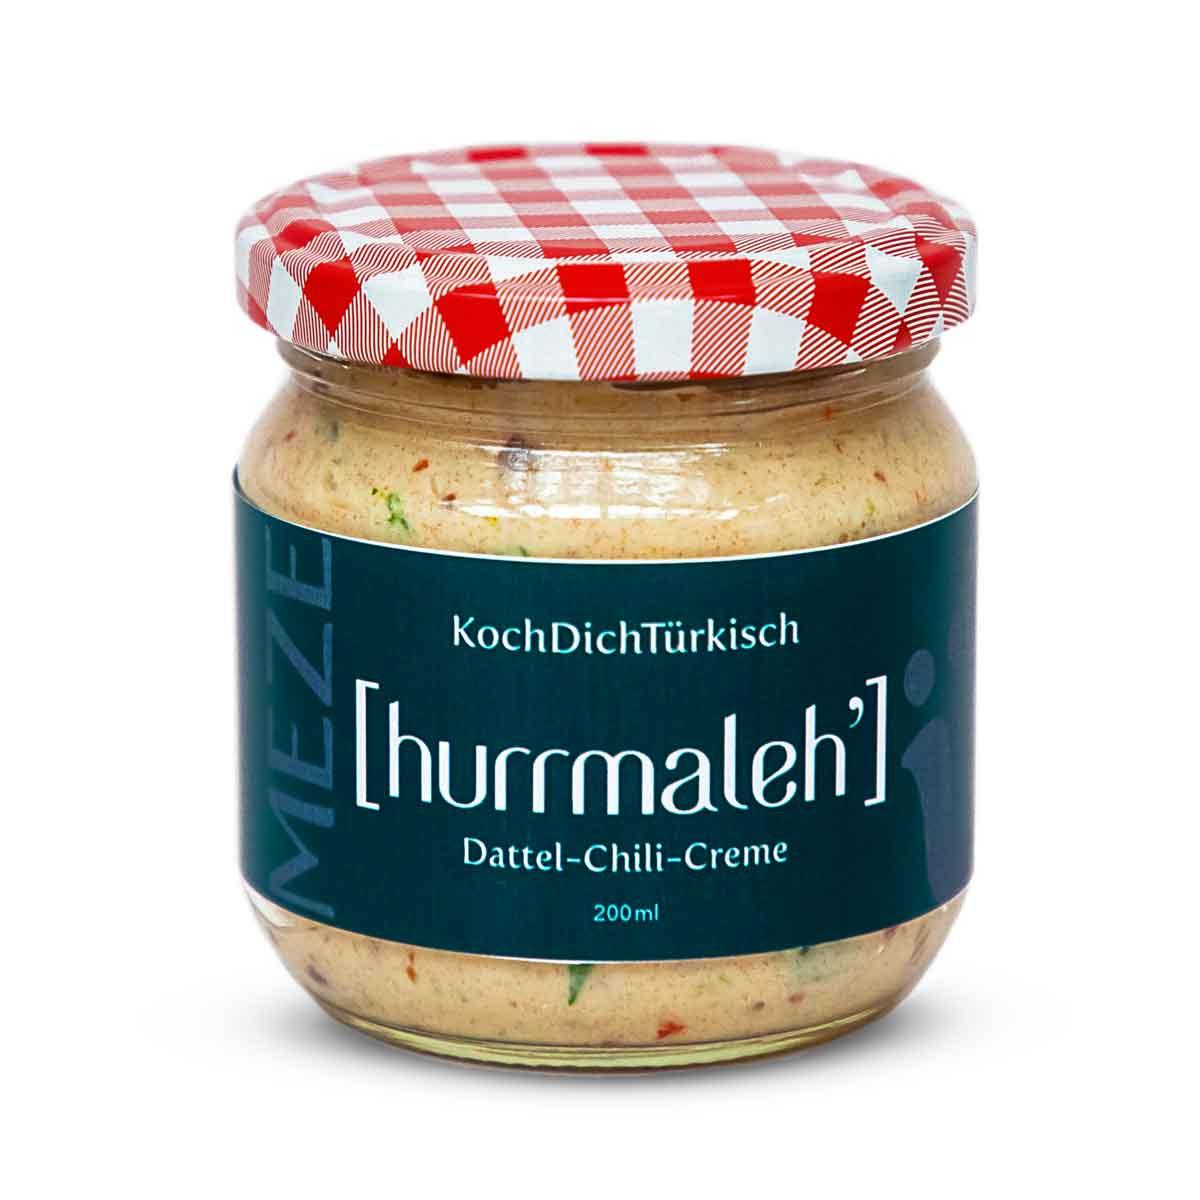 MEZE ~ [hurrmaleh'] – Dattel-Chili-Creme von KochDichTürkisch - Tapas - Antipasti - vegetarisch